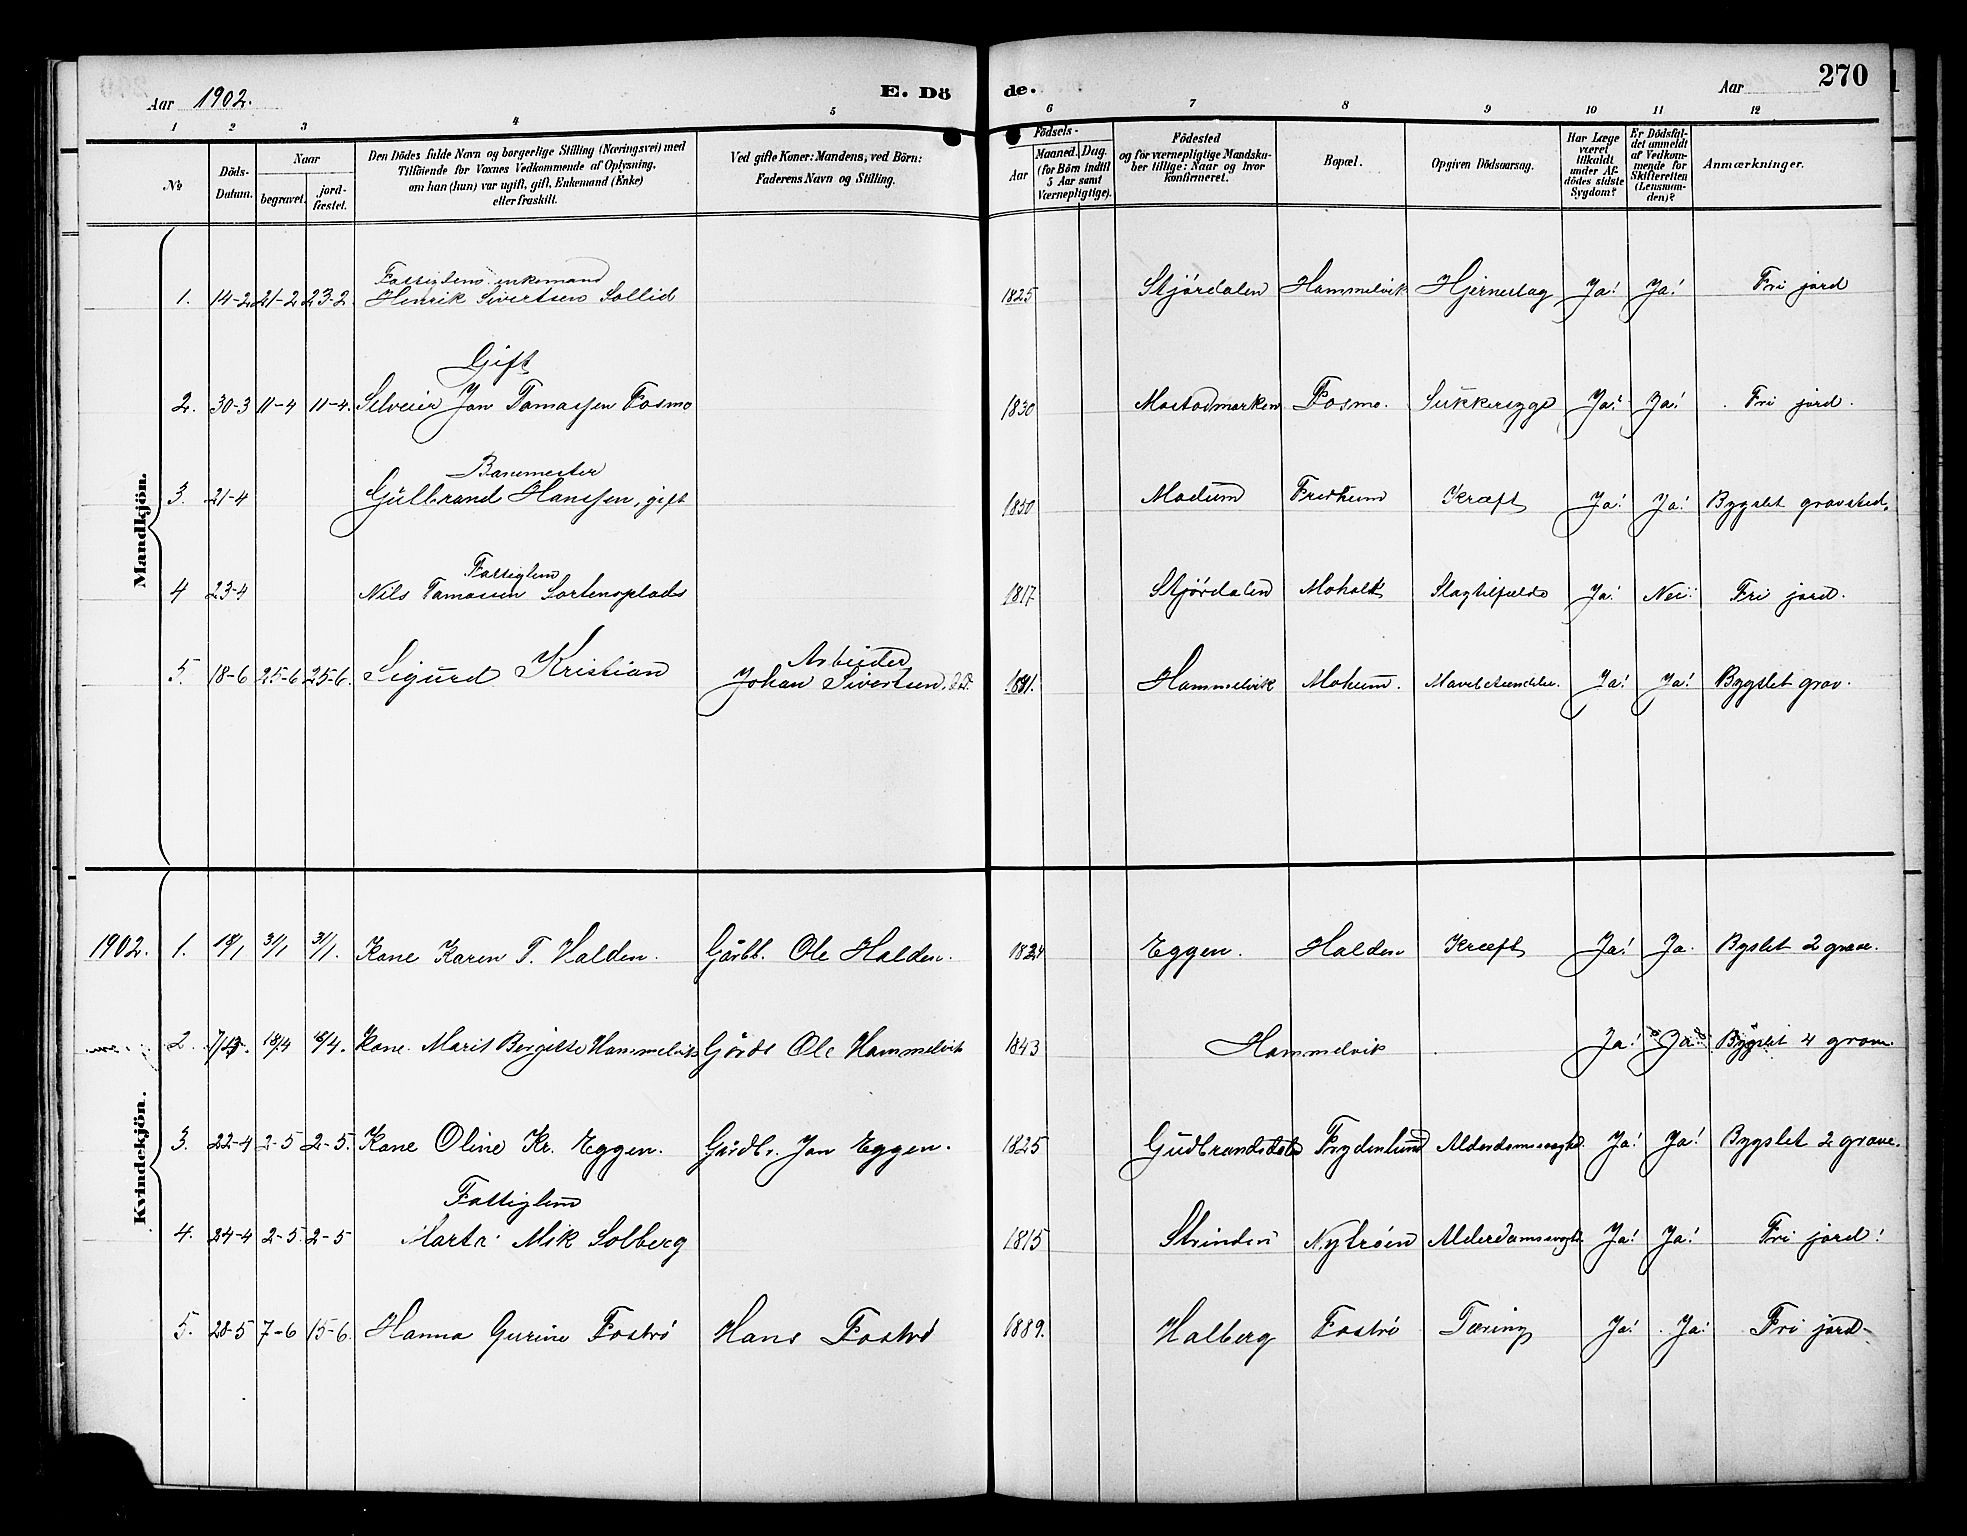 SAT, Ministerialprotokoller, klokkerbøker og fødselsregistre - Sør-Trøndelag, 617/L0431: Klokkerbok nr. 617C01, 1889-1910, s. 270